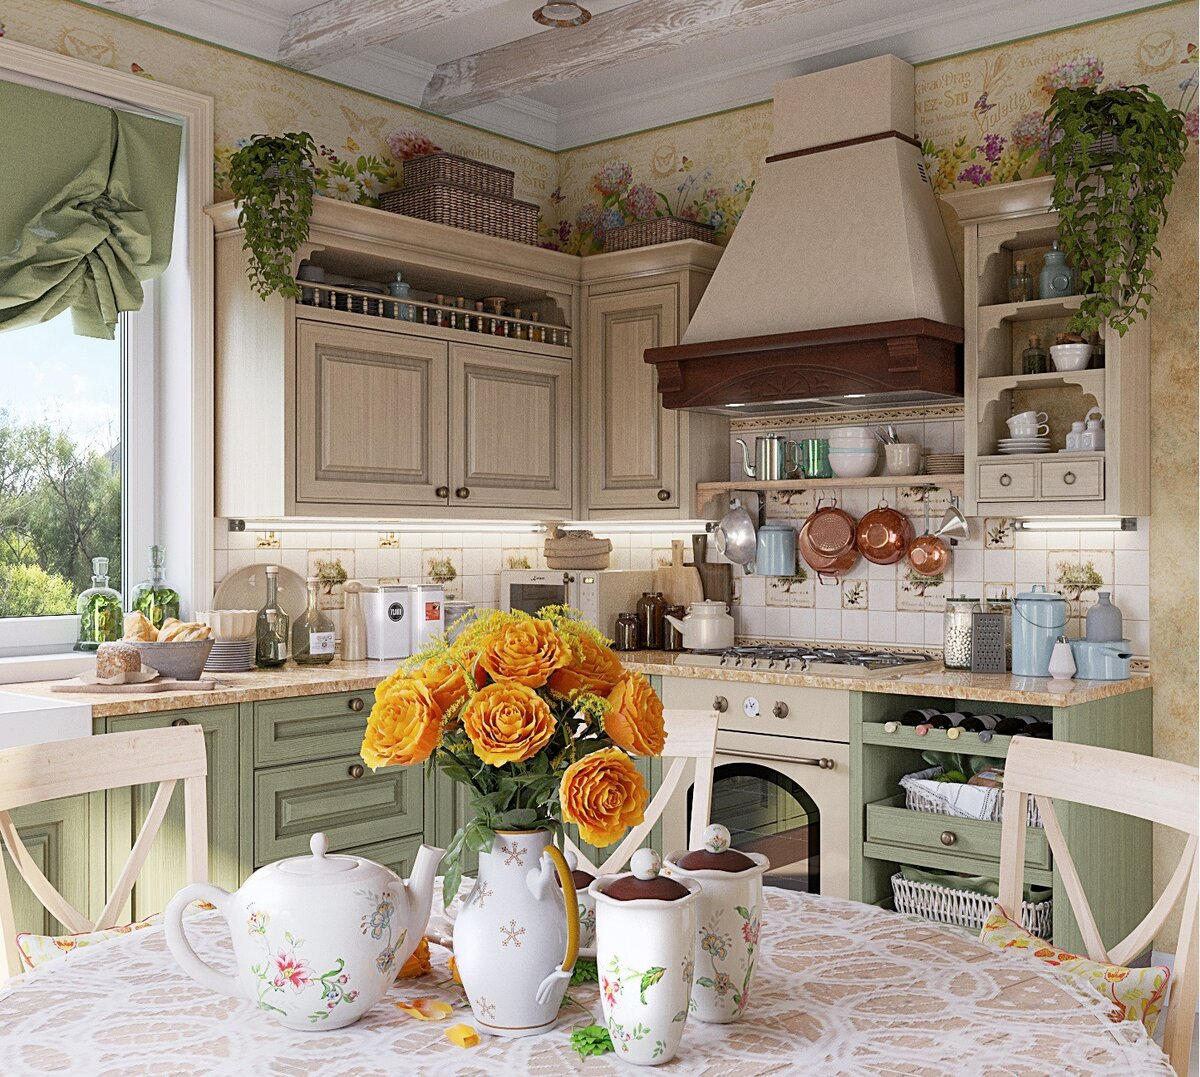 Картинка в стиле прованс на кухню